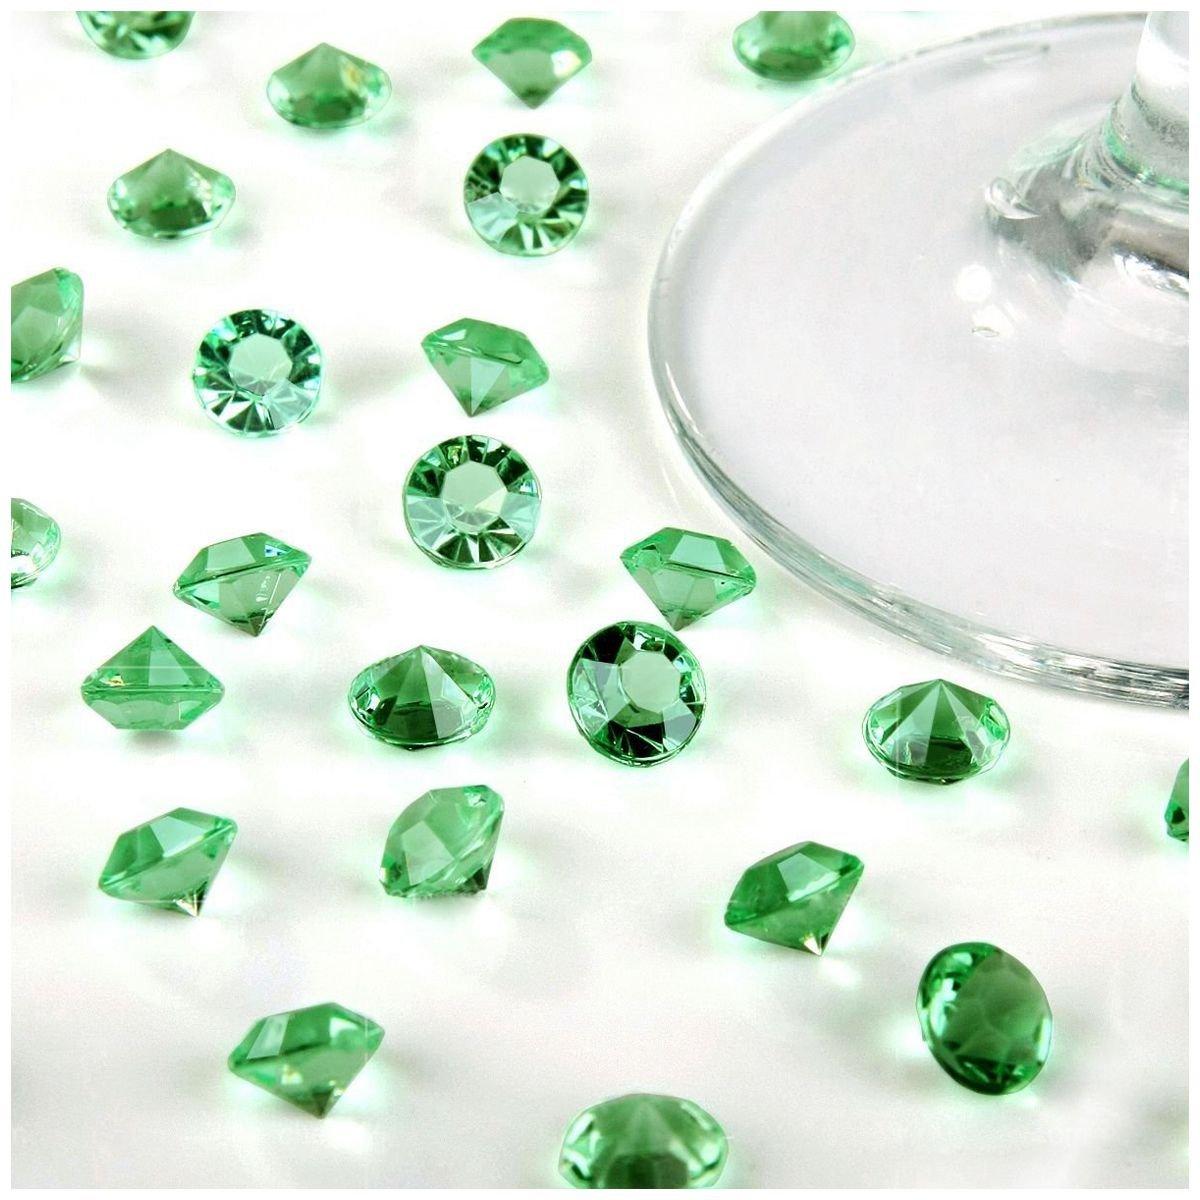 TOOGOO ( R ) 5000 4.5 MMダイヤモンド散布クリスタル結婚式テーブルデコレーション( Aqua Blue ) グリーン B077HT75QD  ライトグリーン